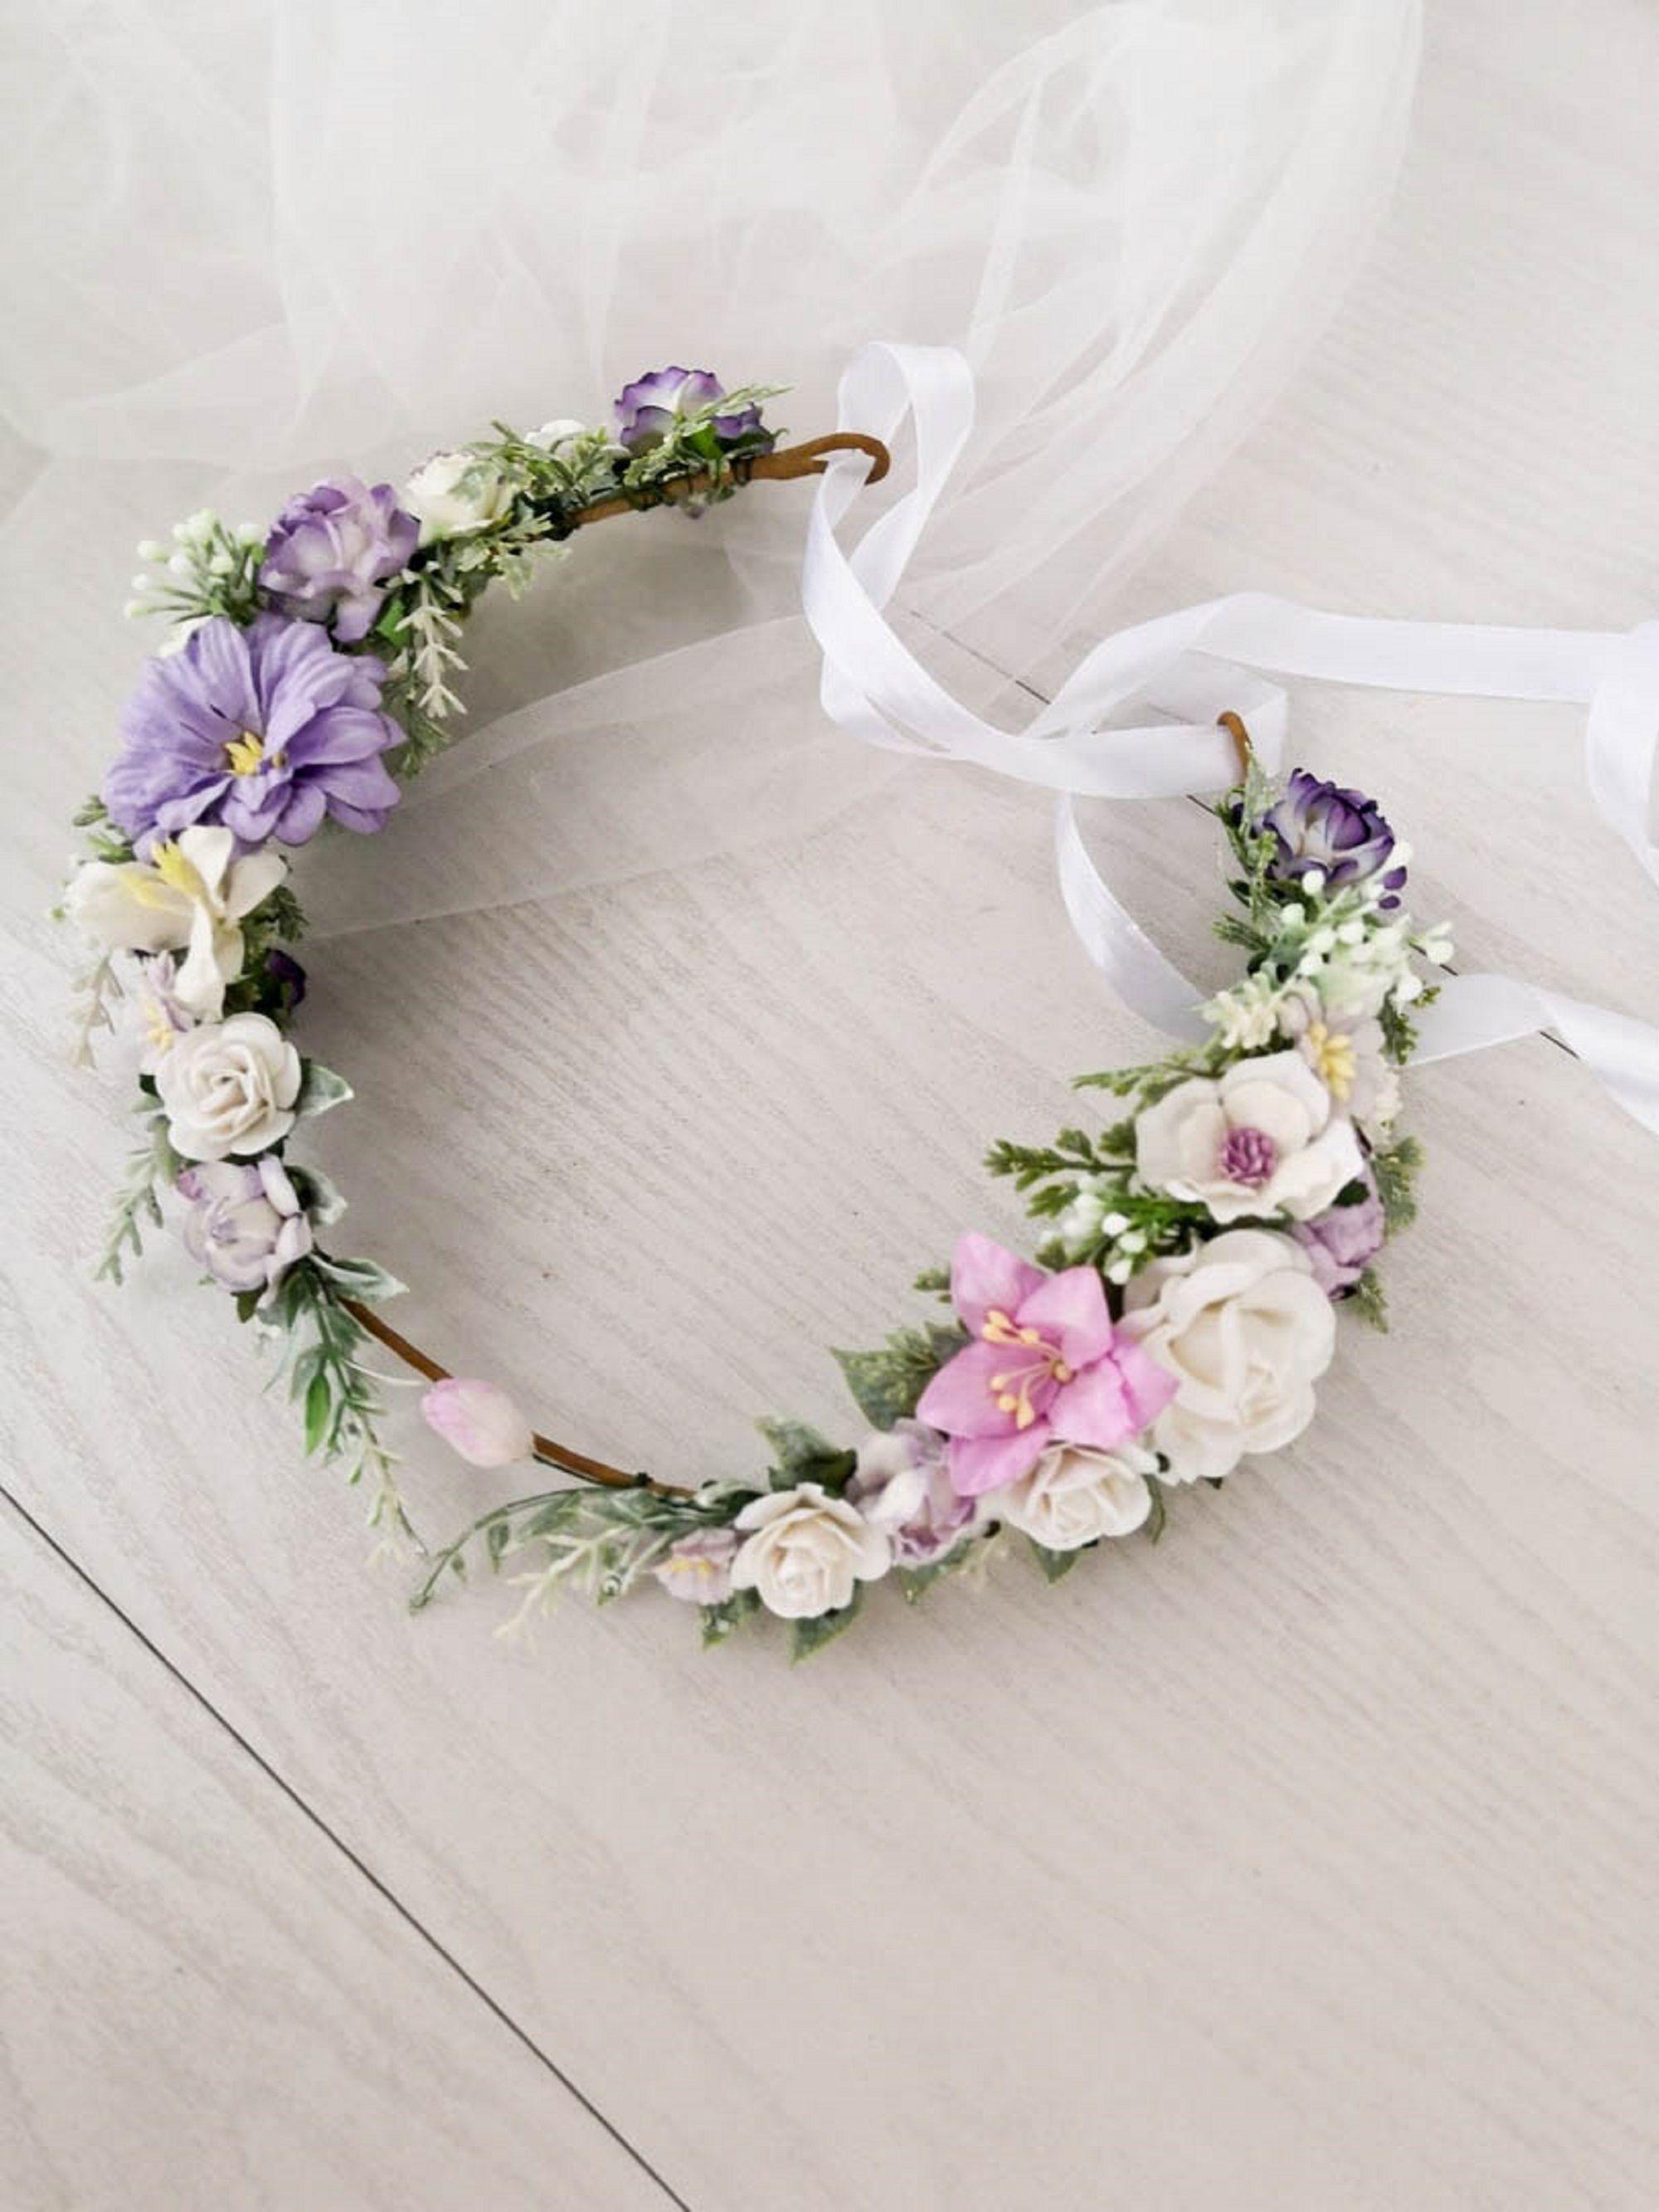 Flower Crown Wedding Wedding Accessories Lavender Wedding Etsy In 2020 Flower Hair Accessories Wedding Flower Crown Wedding Bridal Flower Crown